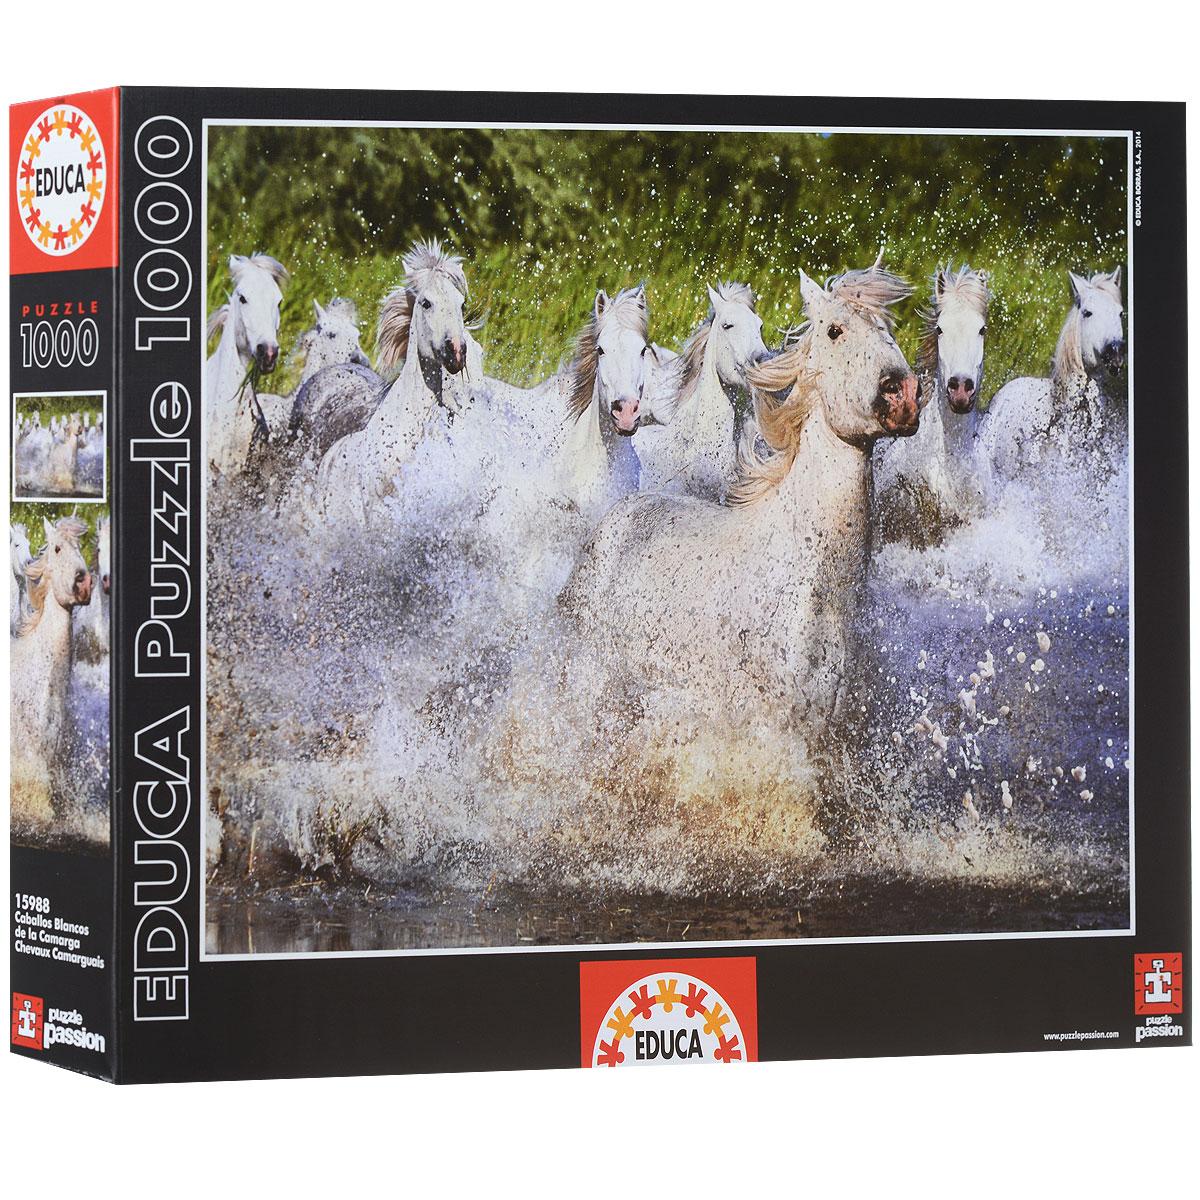 Белые камаргские лошади. Пазл, 1000 элементов15988Пазл Белые камаргские лошади несомненно придется вам по душе. Собрав этот пазл, включающий в себя 1000 элементов, вы получите великолепную картину с изображением бегущих по мелководью белых камаргских лошадей. В комплект входит специальный клей, представляющий собой порошок, который перед применением требуется развести водой. Он надежно склеивает собранный пазл и не оставляет следов на поверхности картинки. Пазлы - прекрасное антистрессовое средство для взрослых и замечательная развивающая игра для детей. Собирание пазла развивает у ребенка мелкую моторику рук, тренирует наблюдательность, логическое мышление, знакомит с окружающим миром, с цветом и разнообразными формами, учит усидчивости и терпению, аккуратности и вниманию. Собирание пазла - прекрасное времяпрепровождение для всей семьи.